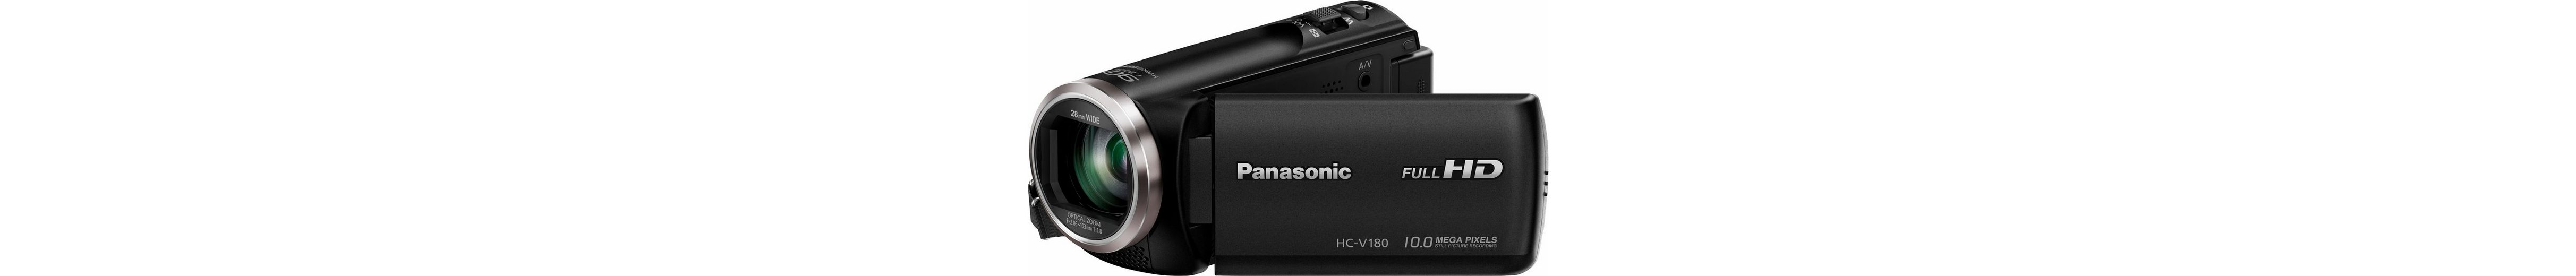 Panasonic HC-V180EG-K 1080p (Full HD) Camcorder